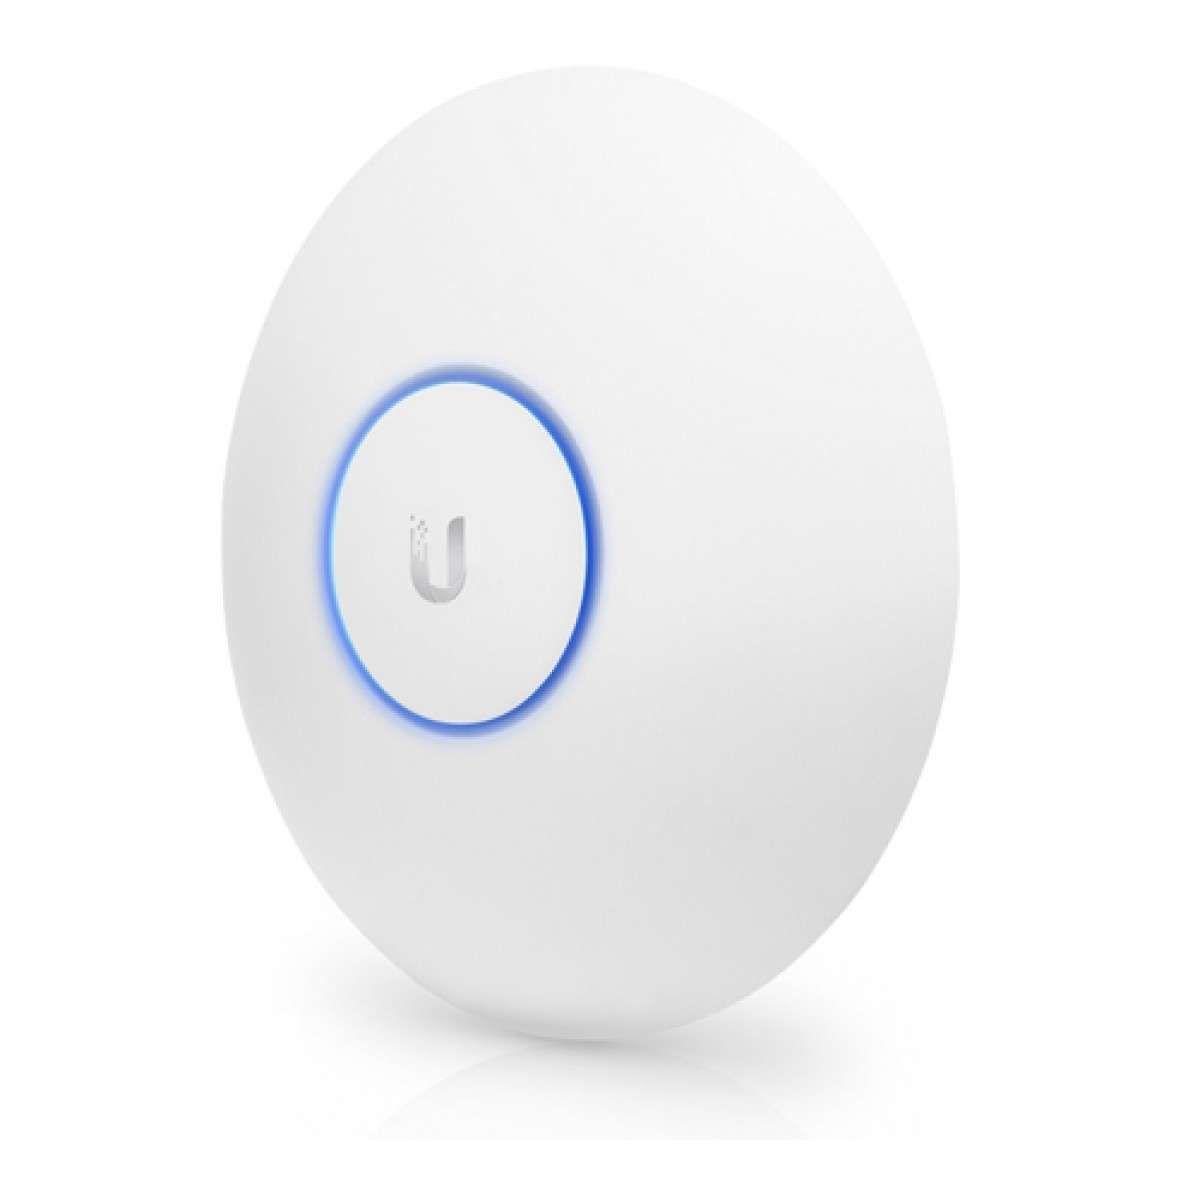 Access Point Ubiquiti 300Mbps 2.4Ghz Poe UNIFI-UAP-LR